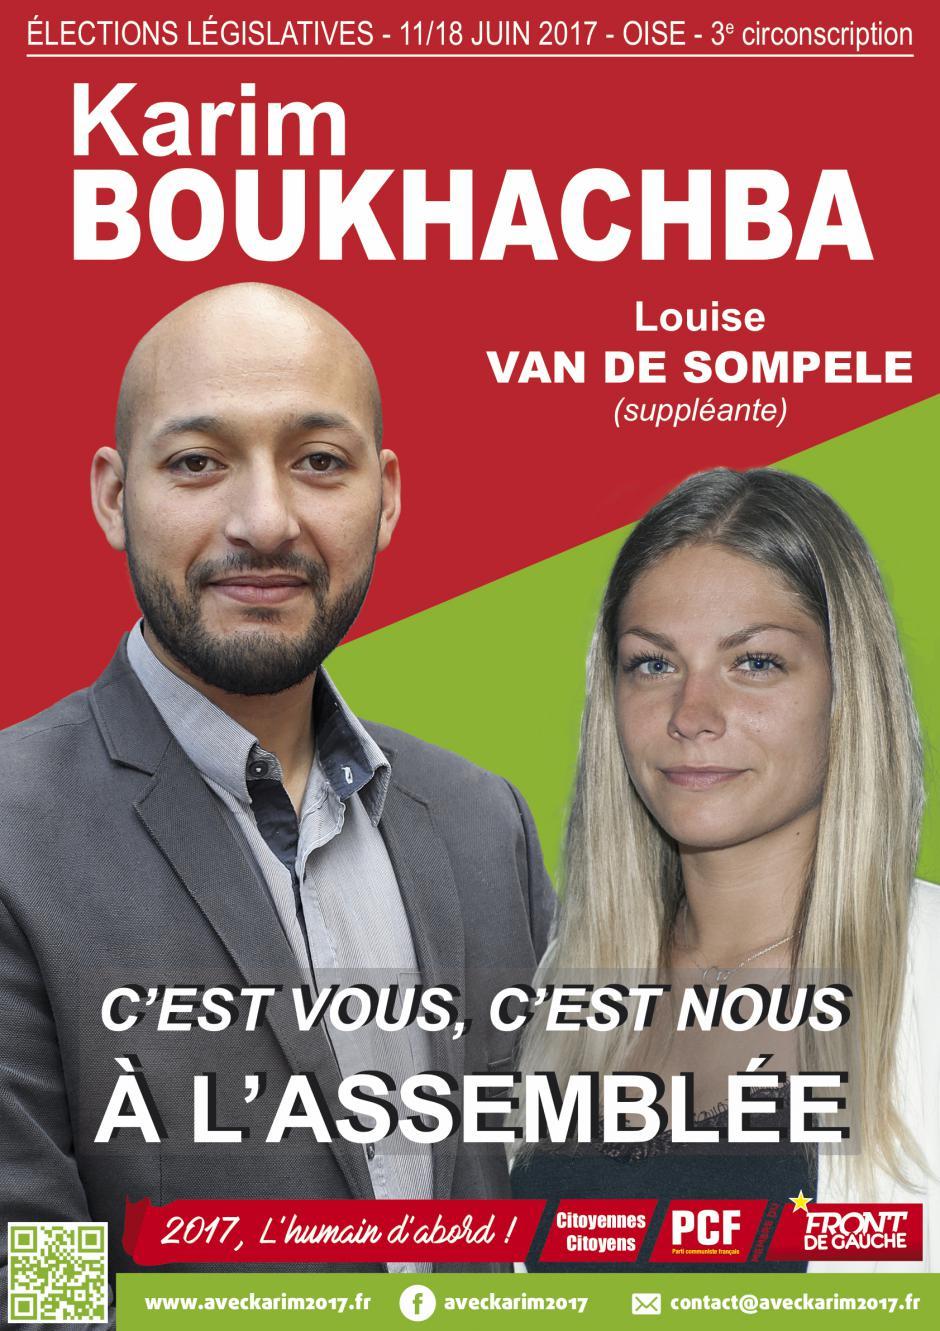 31 mai, Méru - Réunion publique avec Karim Boukhachba et Louise Van de Sompele